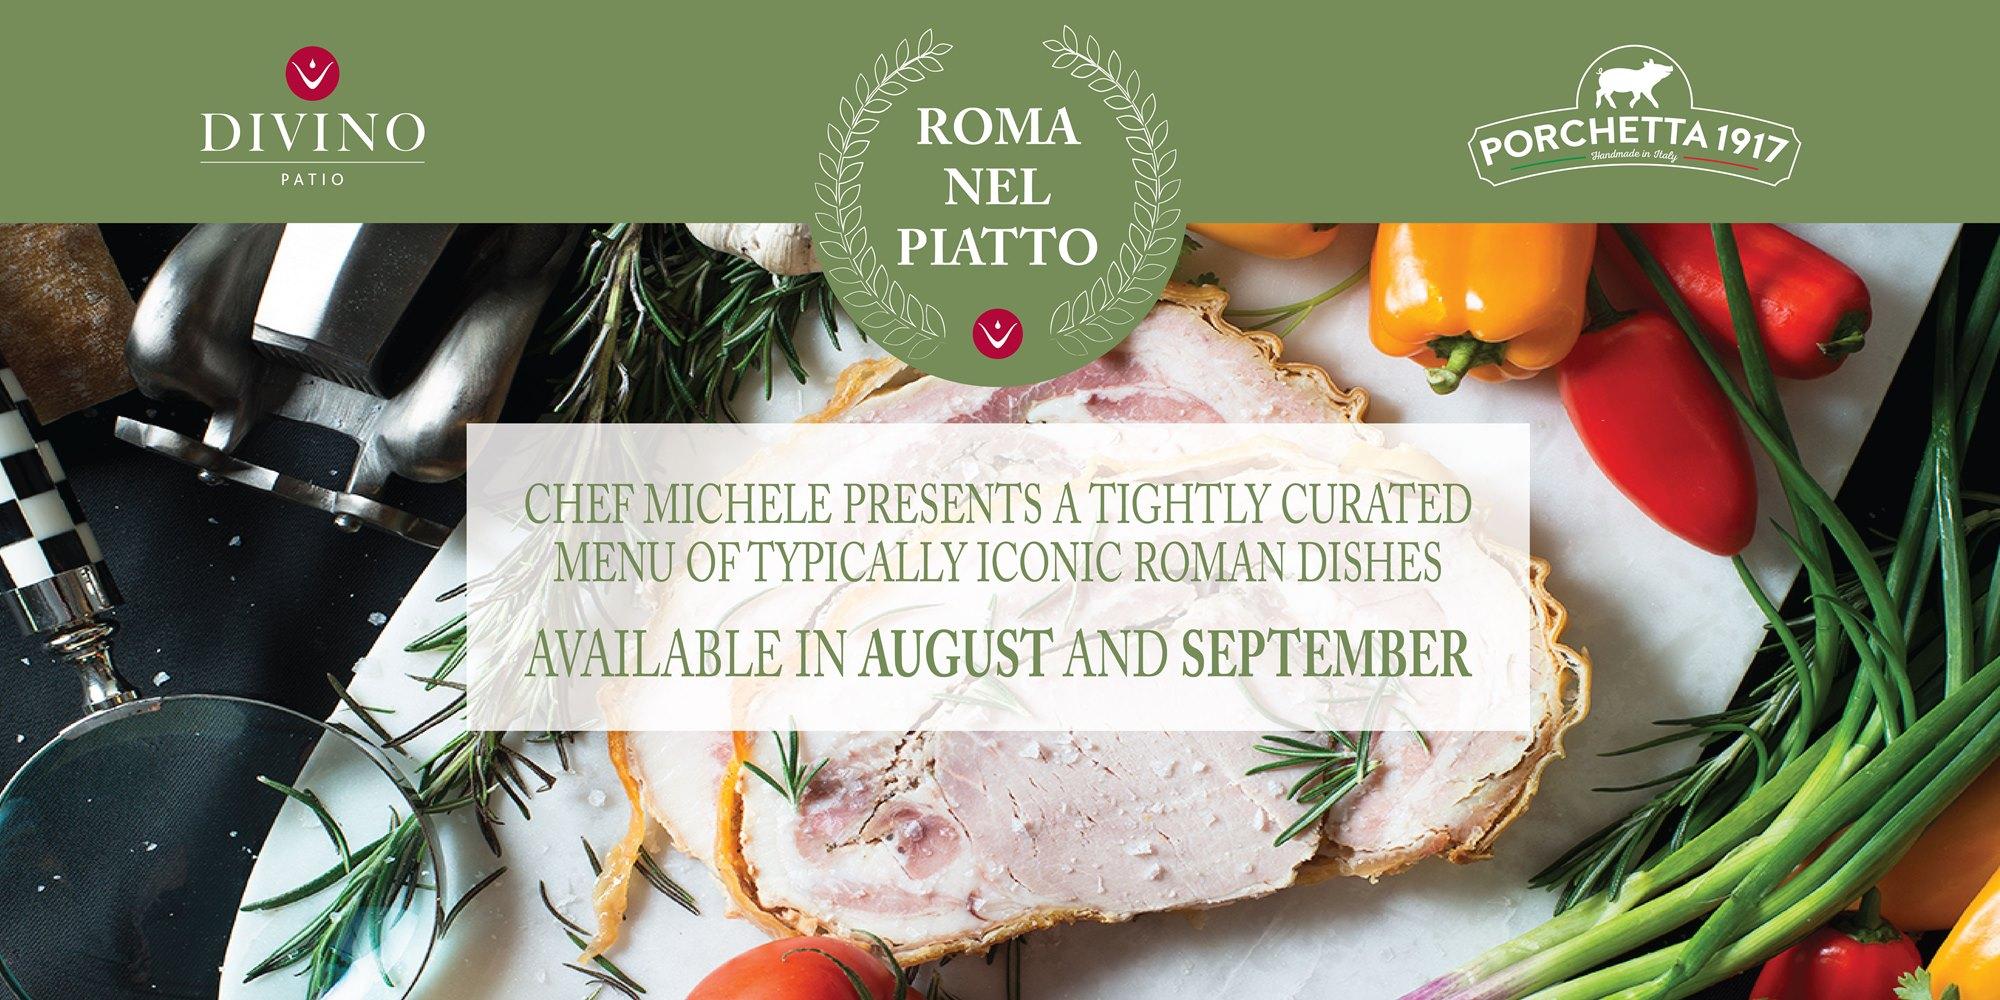 2016_07_30_porchetta_promo_web-02